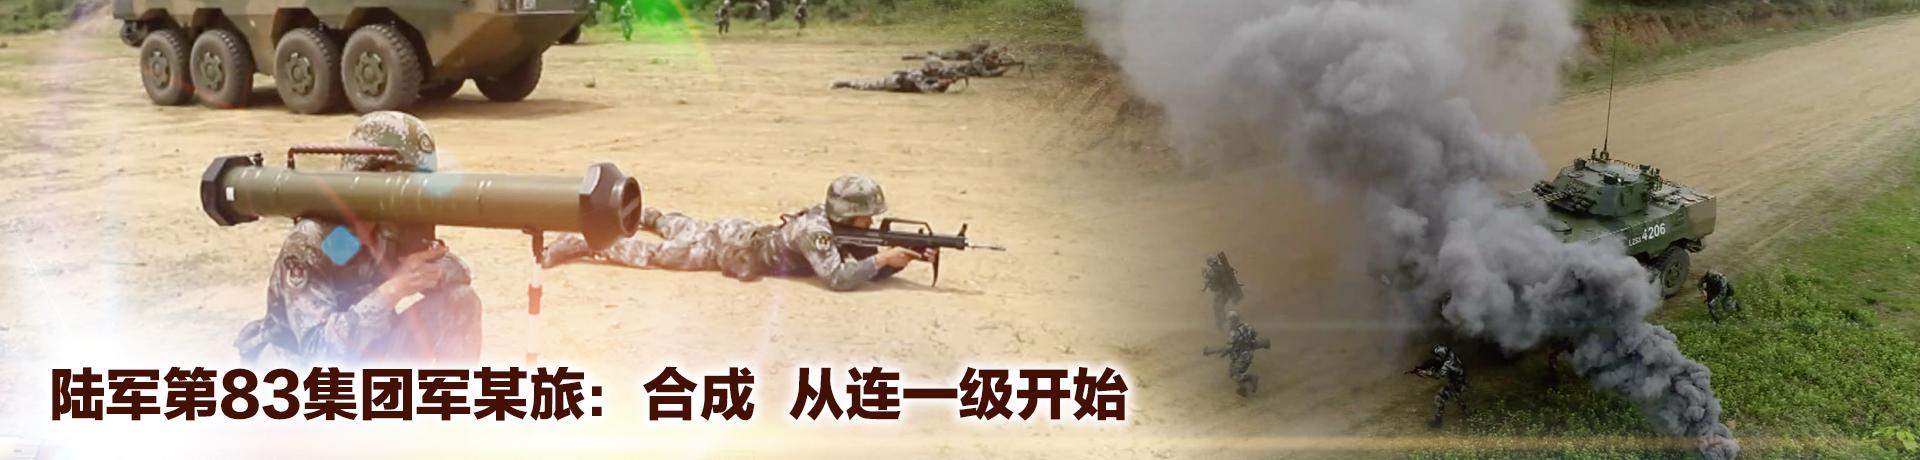 陆军第83集团军某旅:合成 从连一级开始